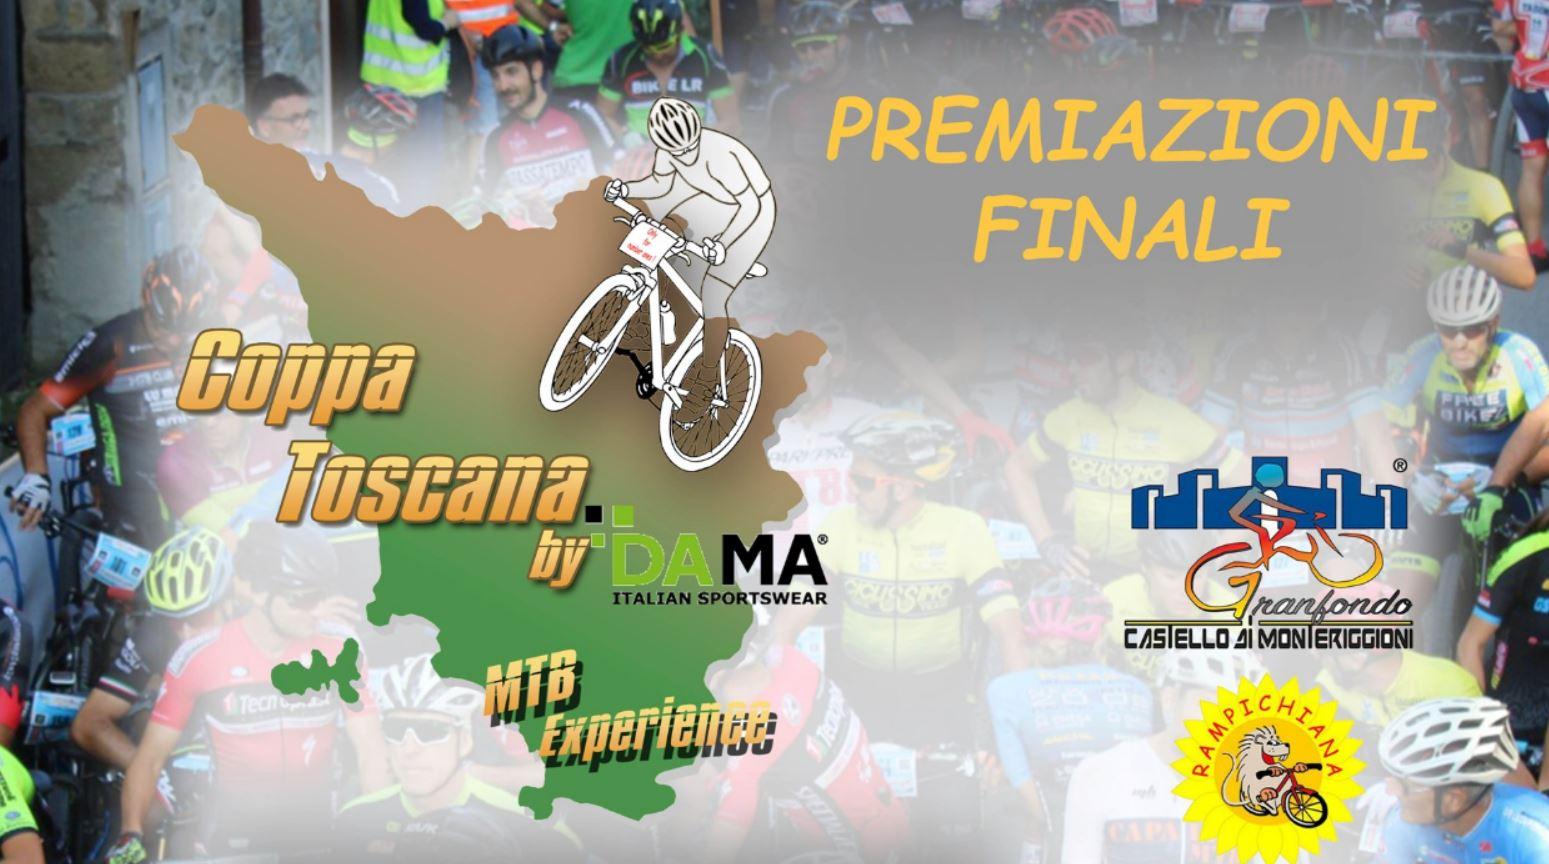 Coppa Toscana MTB: festa finale sabato a Prato. Elenco con tutti i biker premiati - PIANETAMOUNTAINBIKE.IT